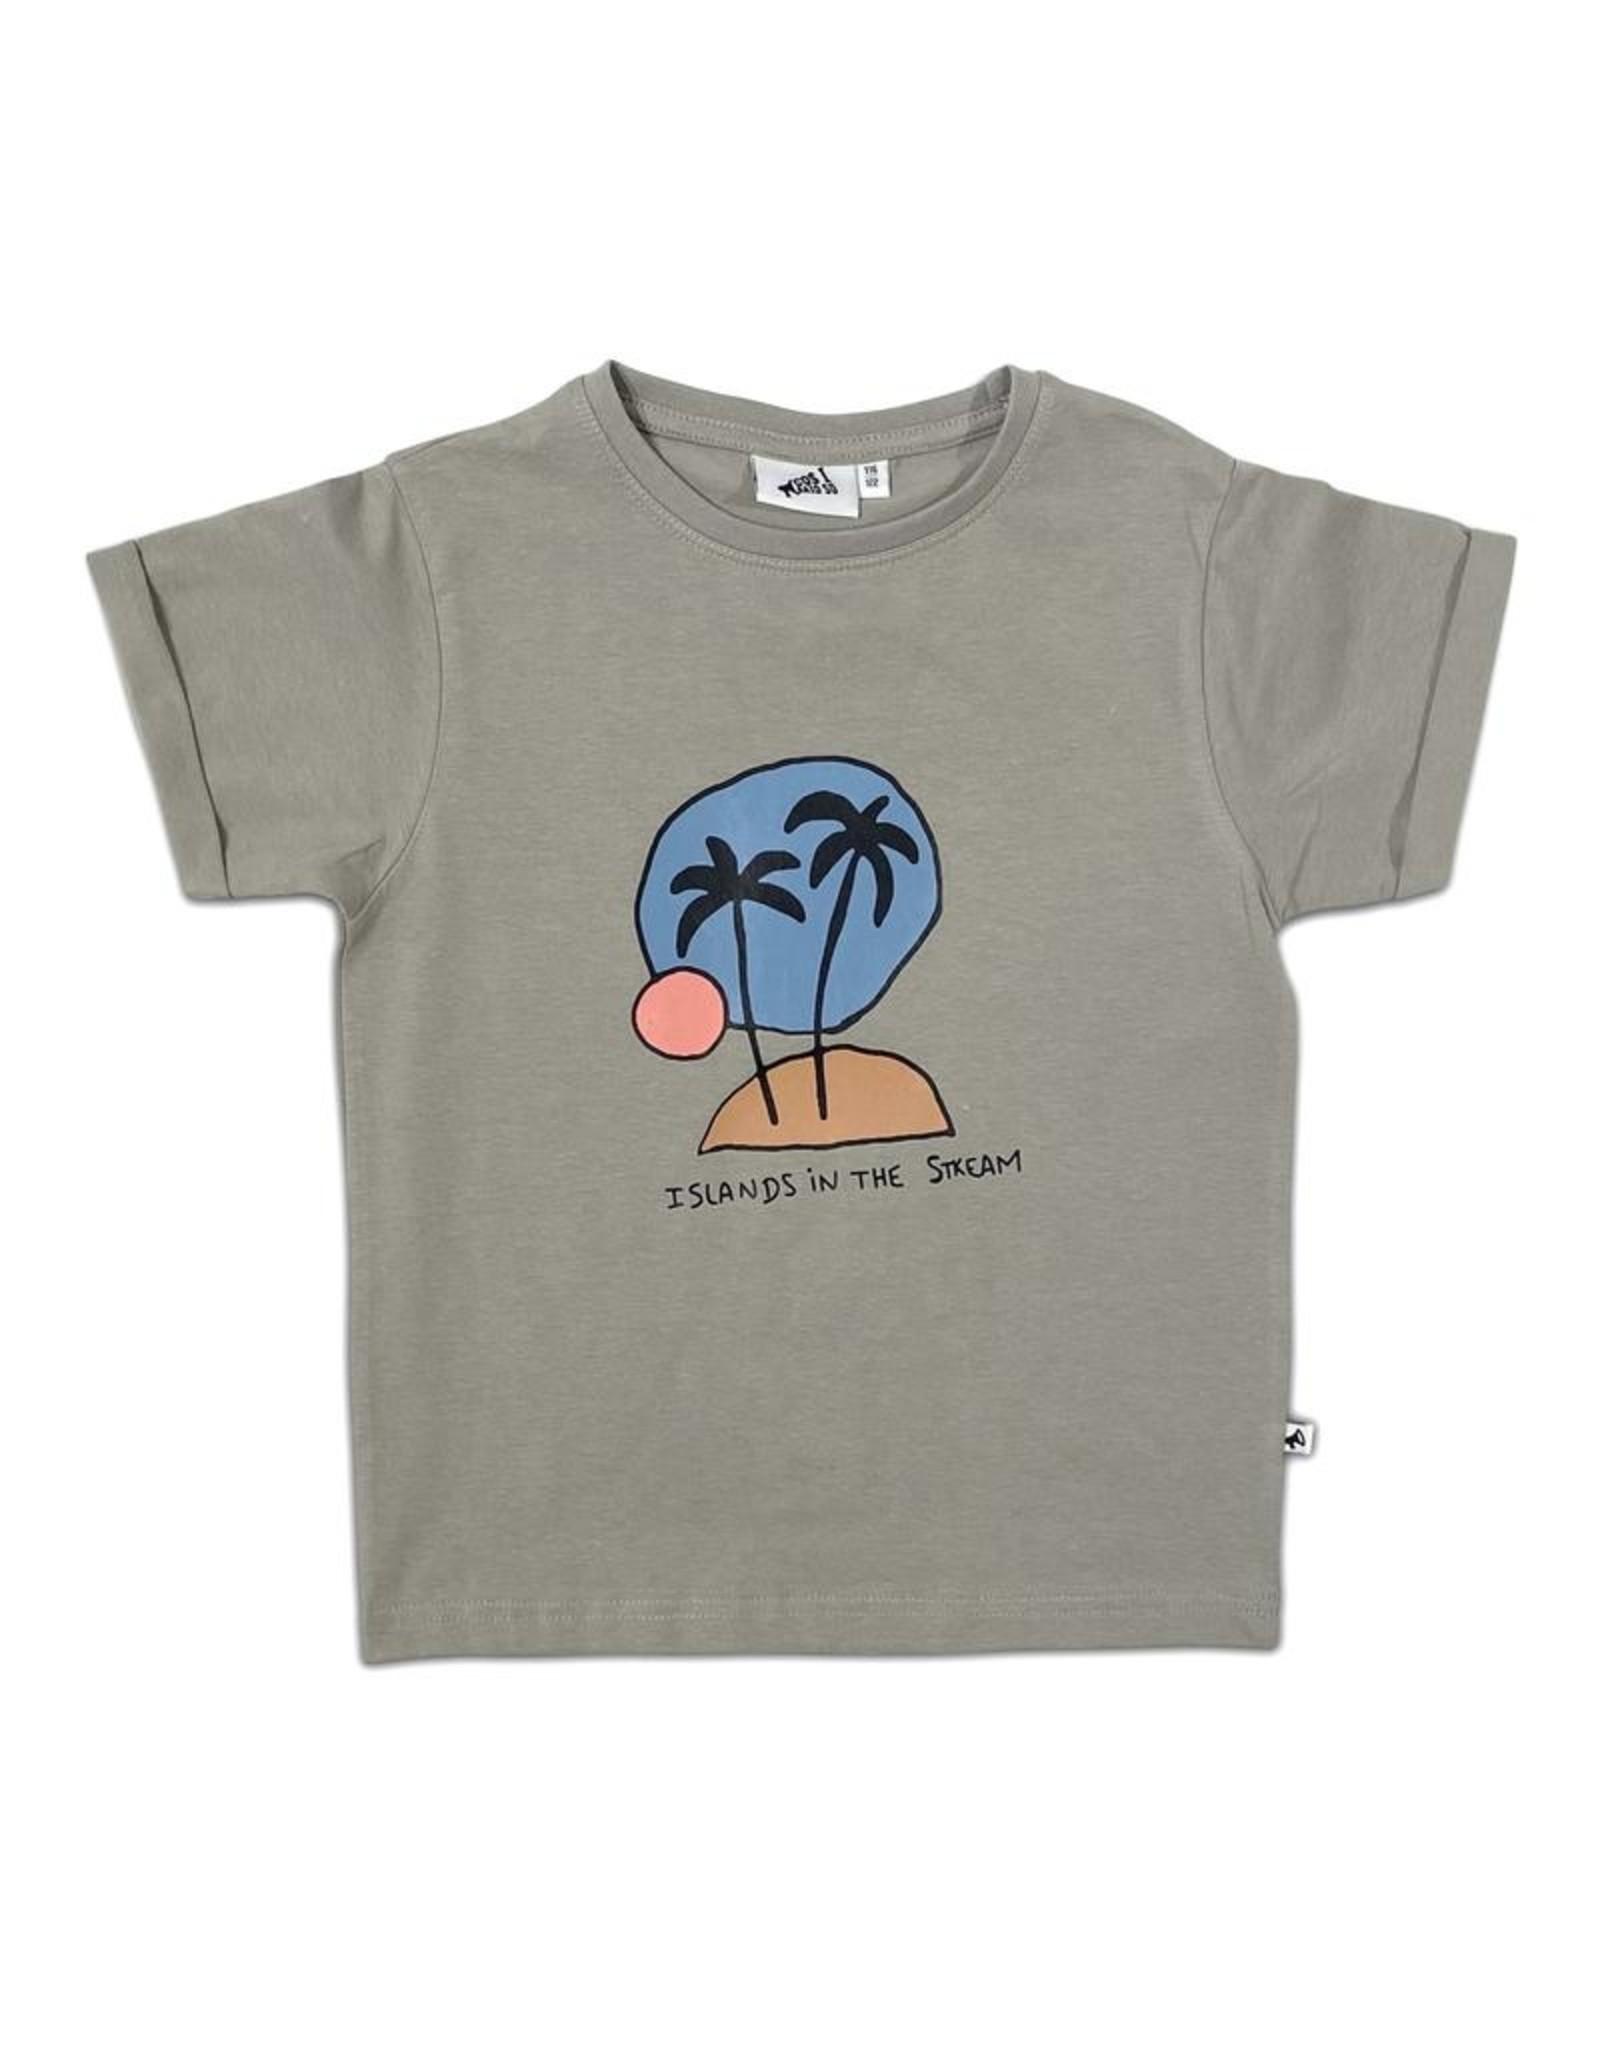 Cos I Said So Cos I Said So Palm Beach T-shirt